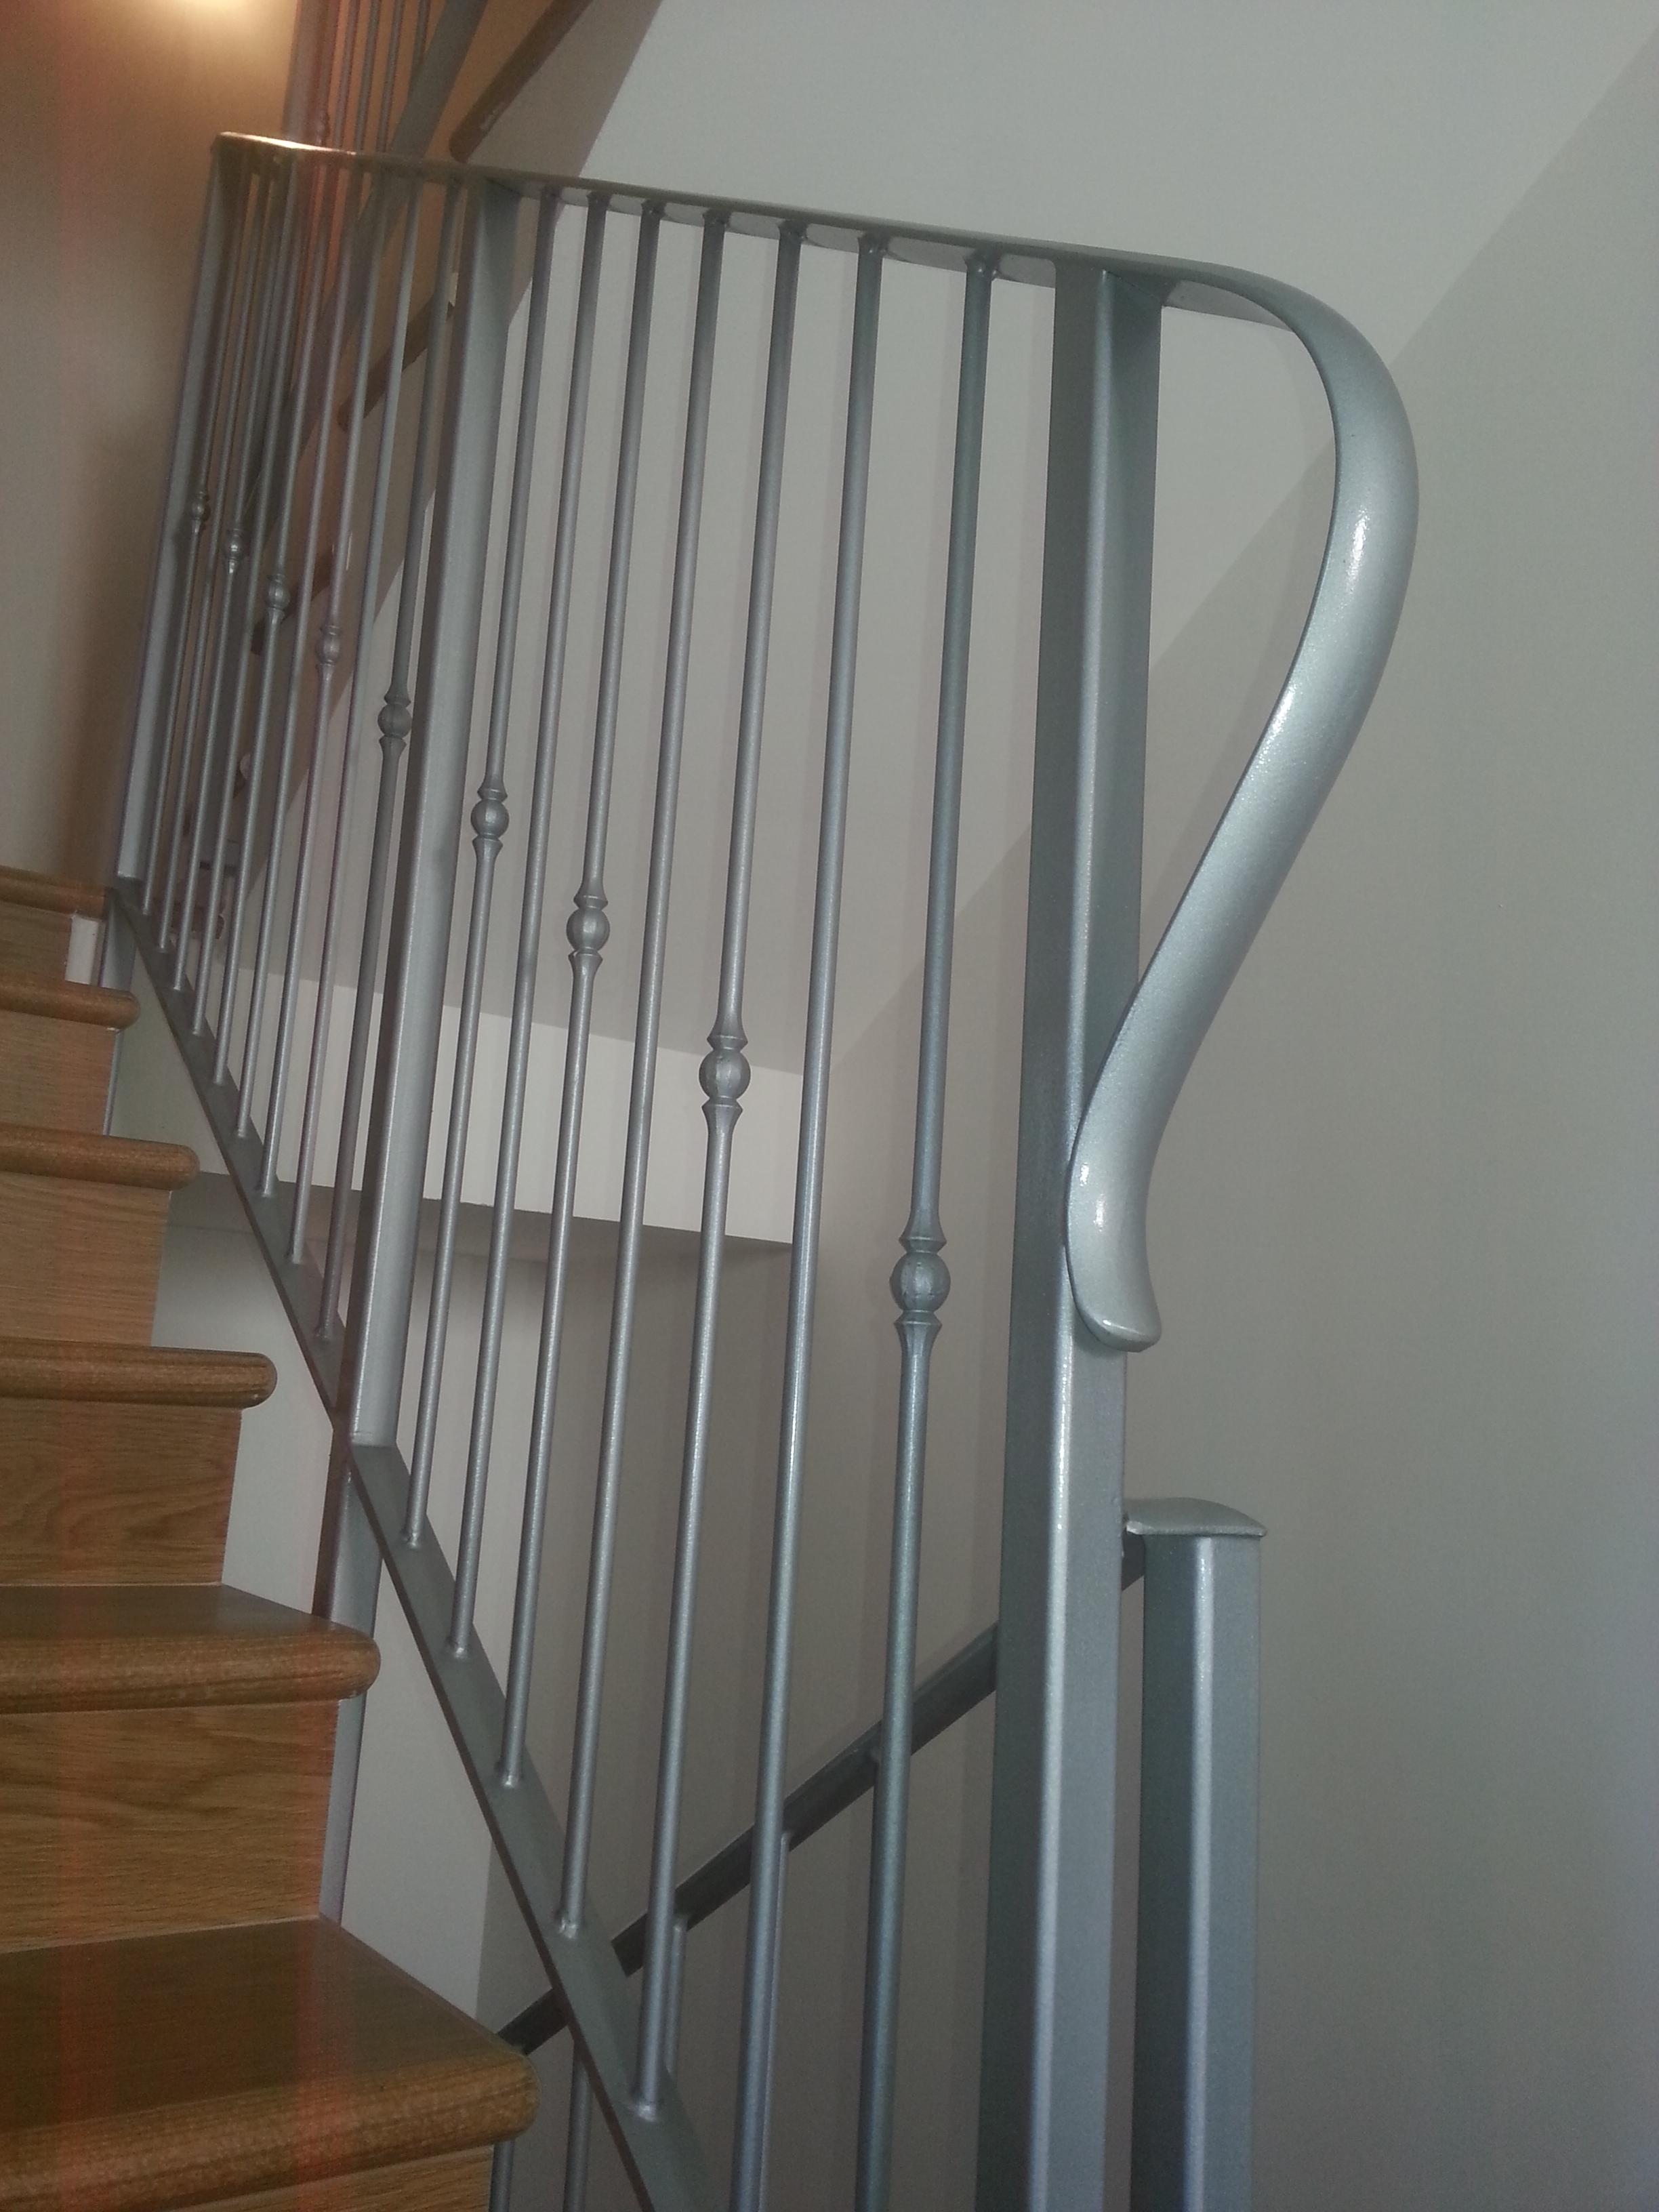 Ringhiere-per-scale-in-acciaio-bologna